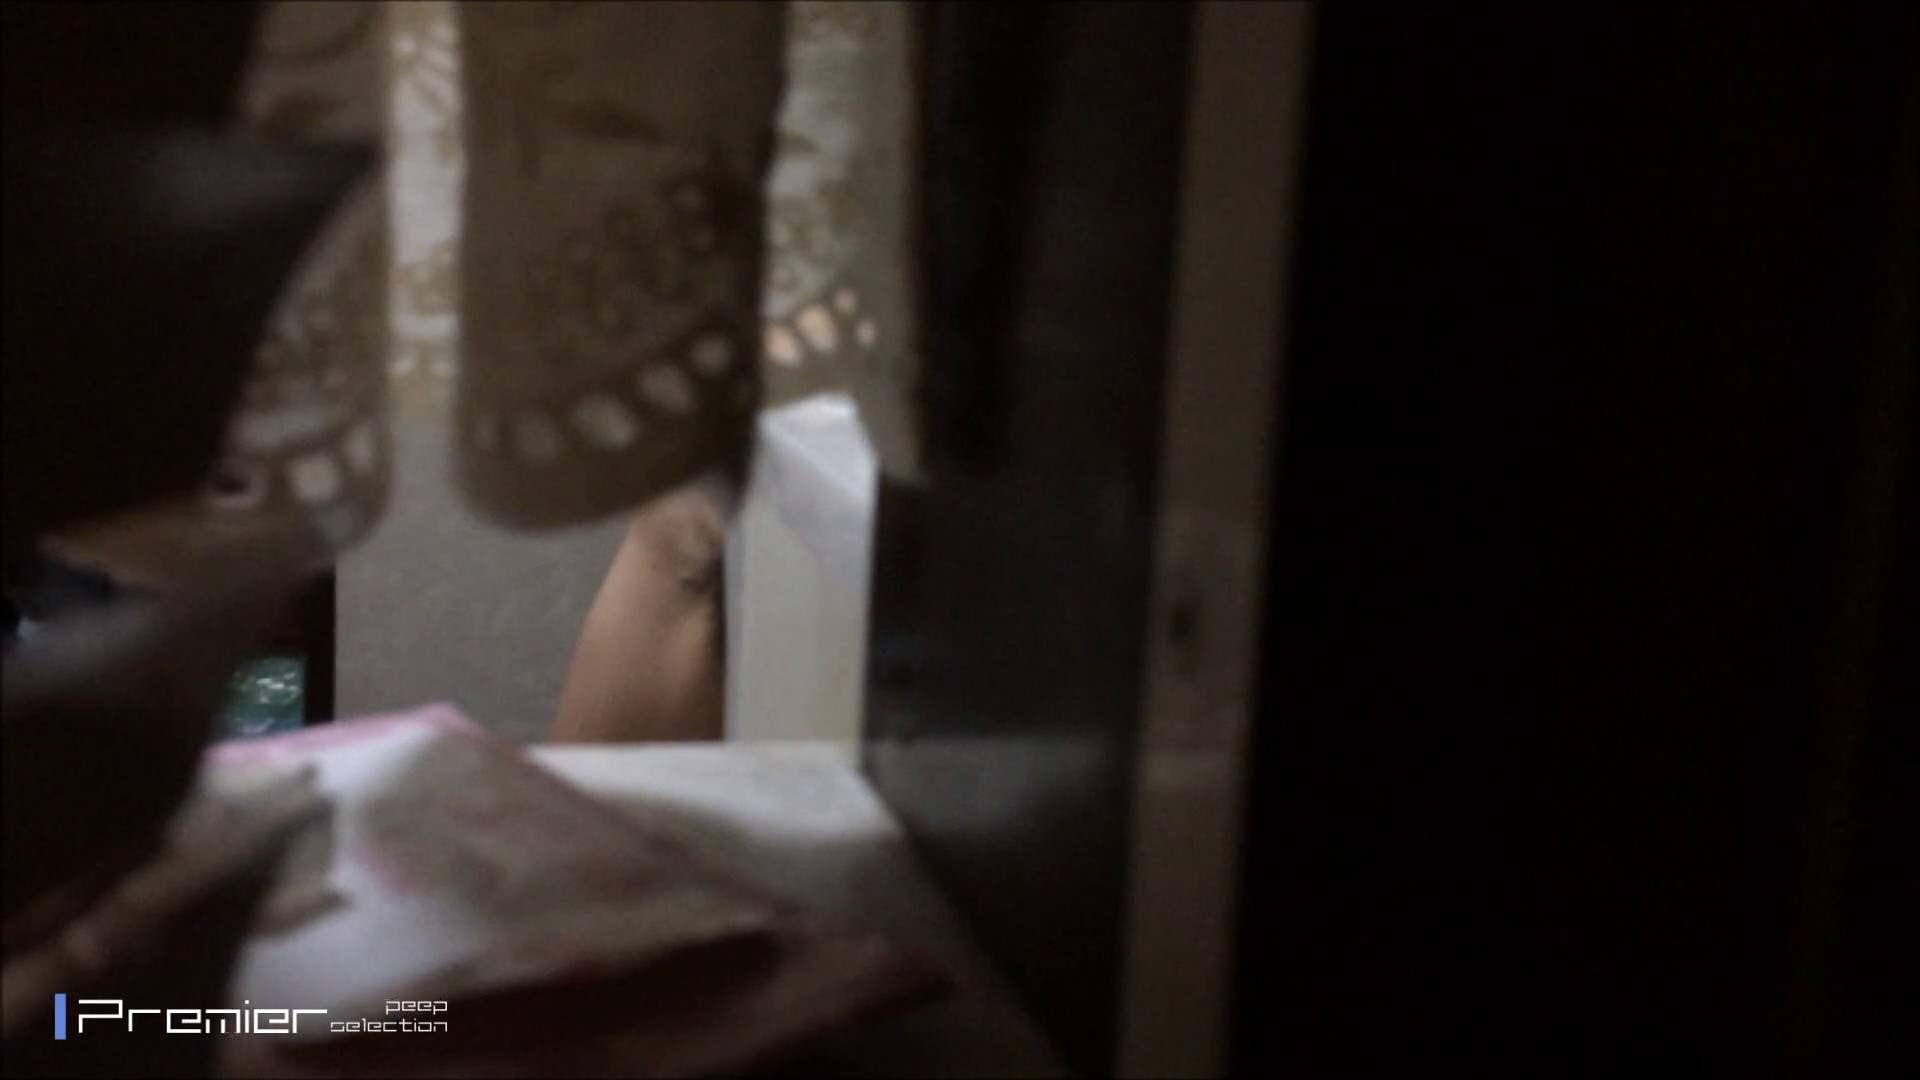 高画質フルハイビジョン スレンダー美女の入浴 乙女の風呂場 Vol.04 OLハメ撮り  94Pix 19